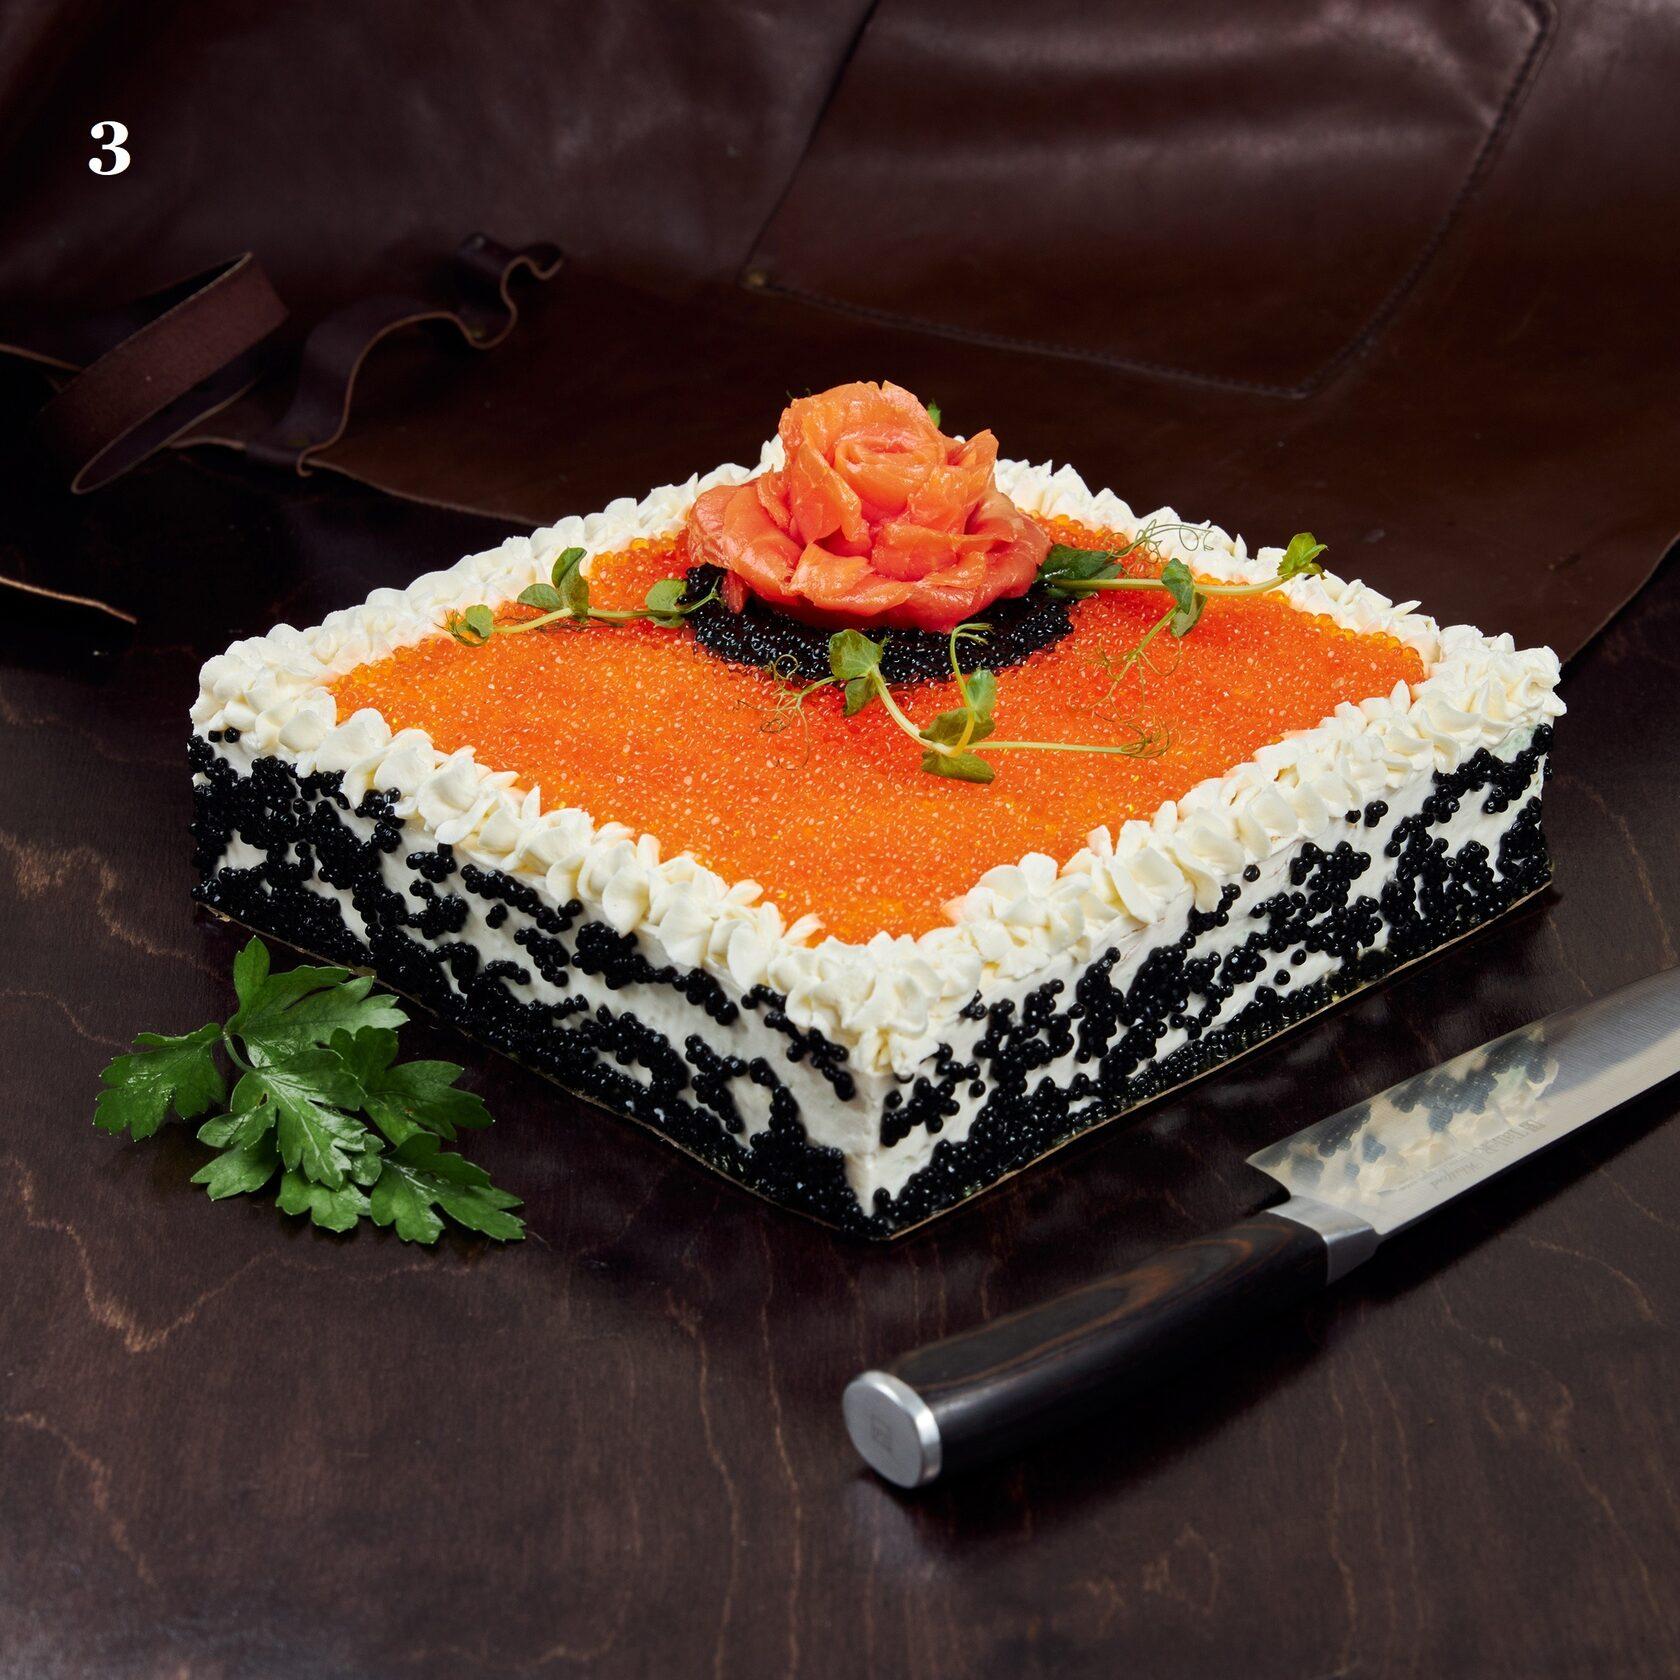 торт в подарок учителю, торт для учителя, торт для преподавателя, торт для директора школы, торт для воспитателя